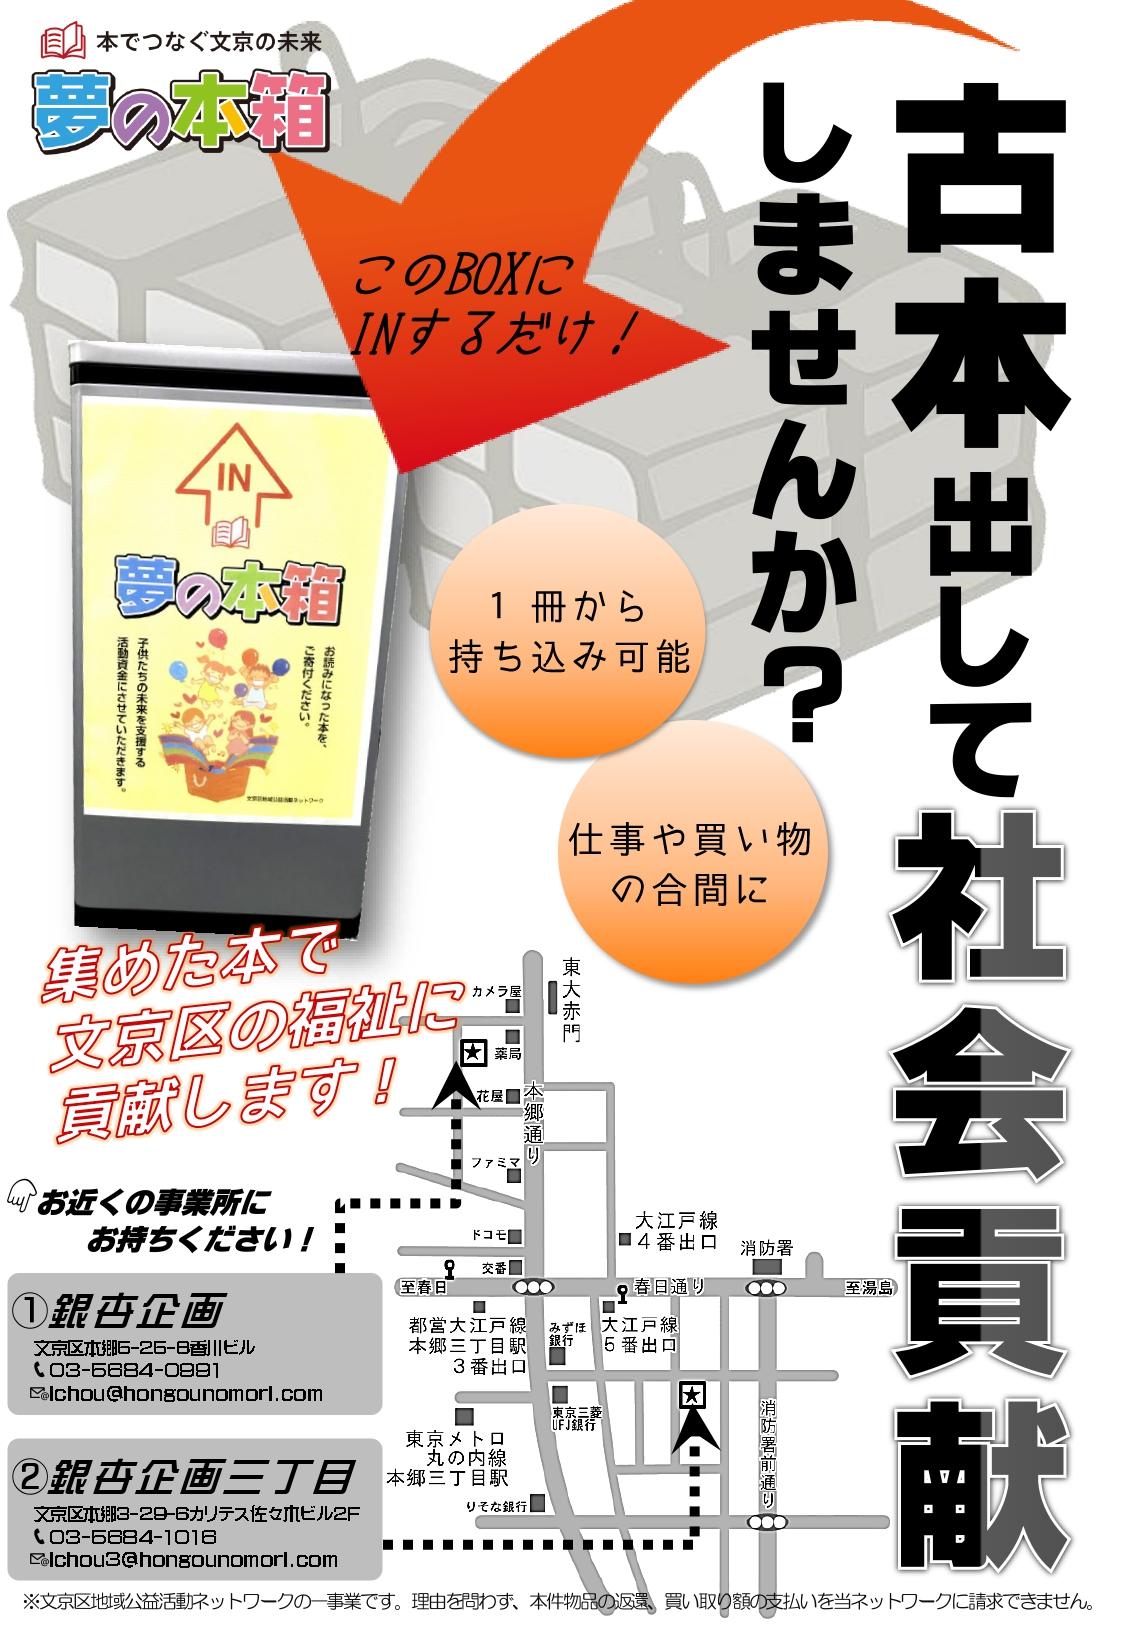 本でつなぐ文京の未来~夢の本箱プロジェクト~古本出して社会貢献しませんか?